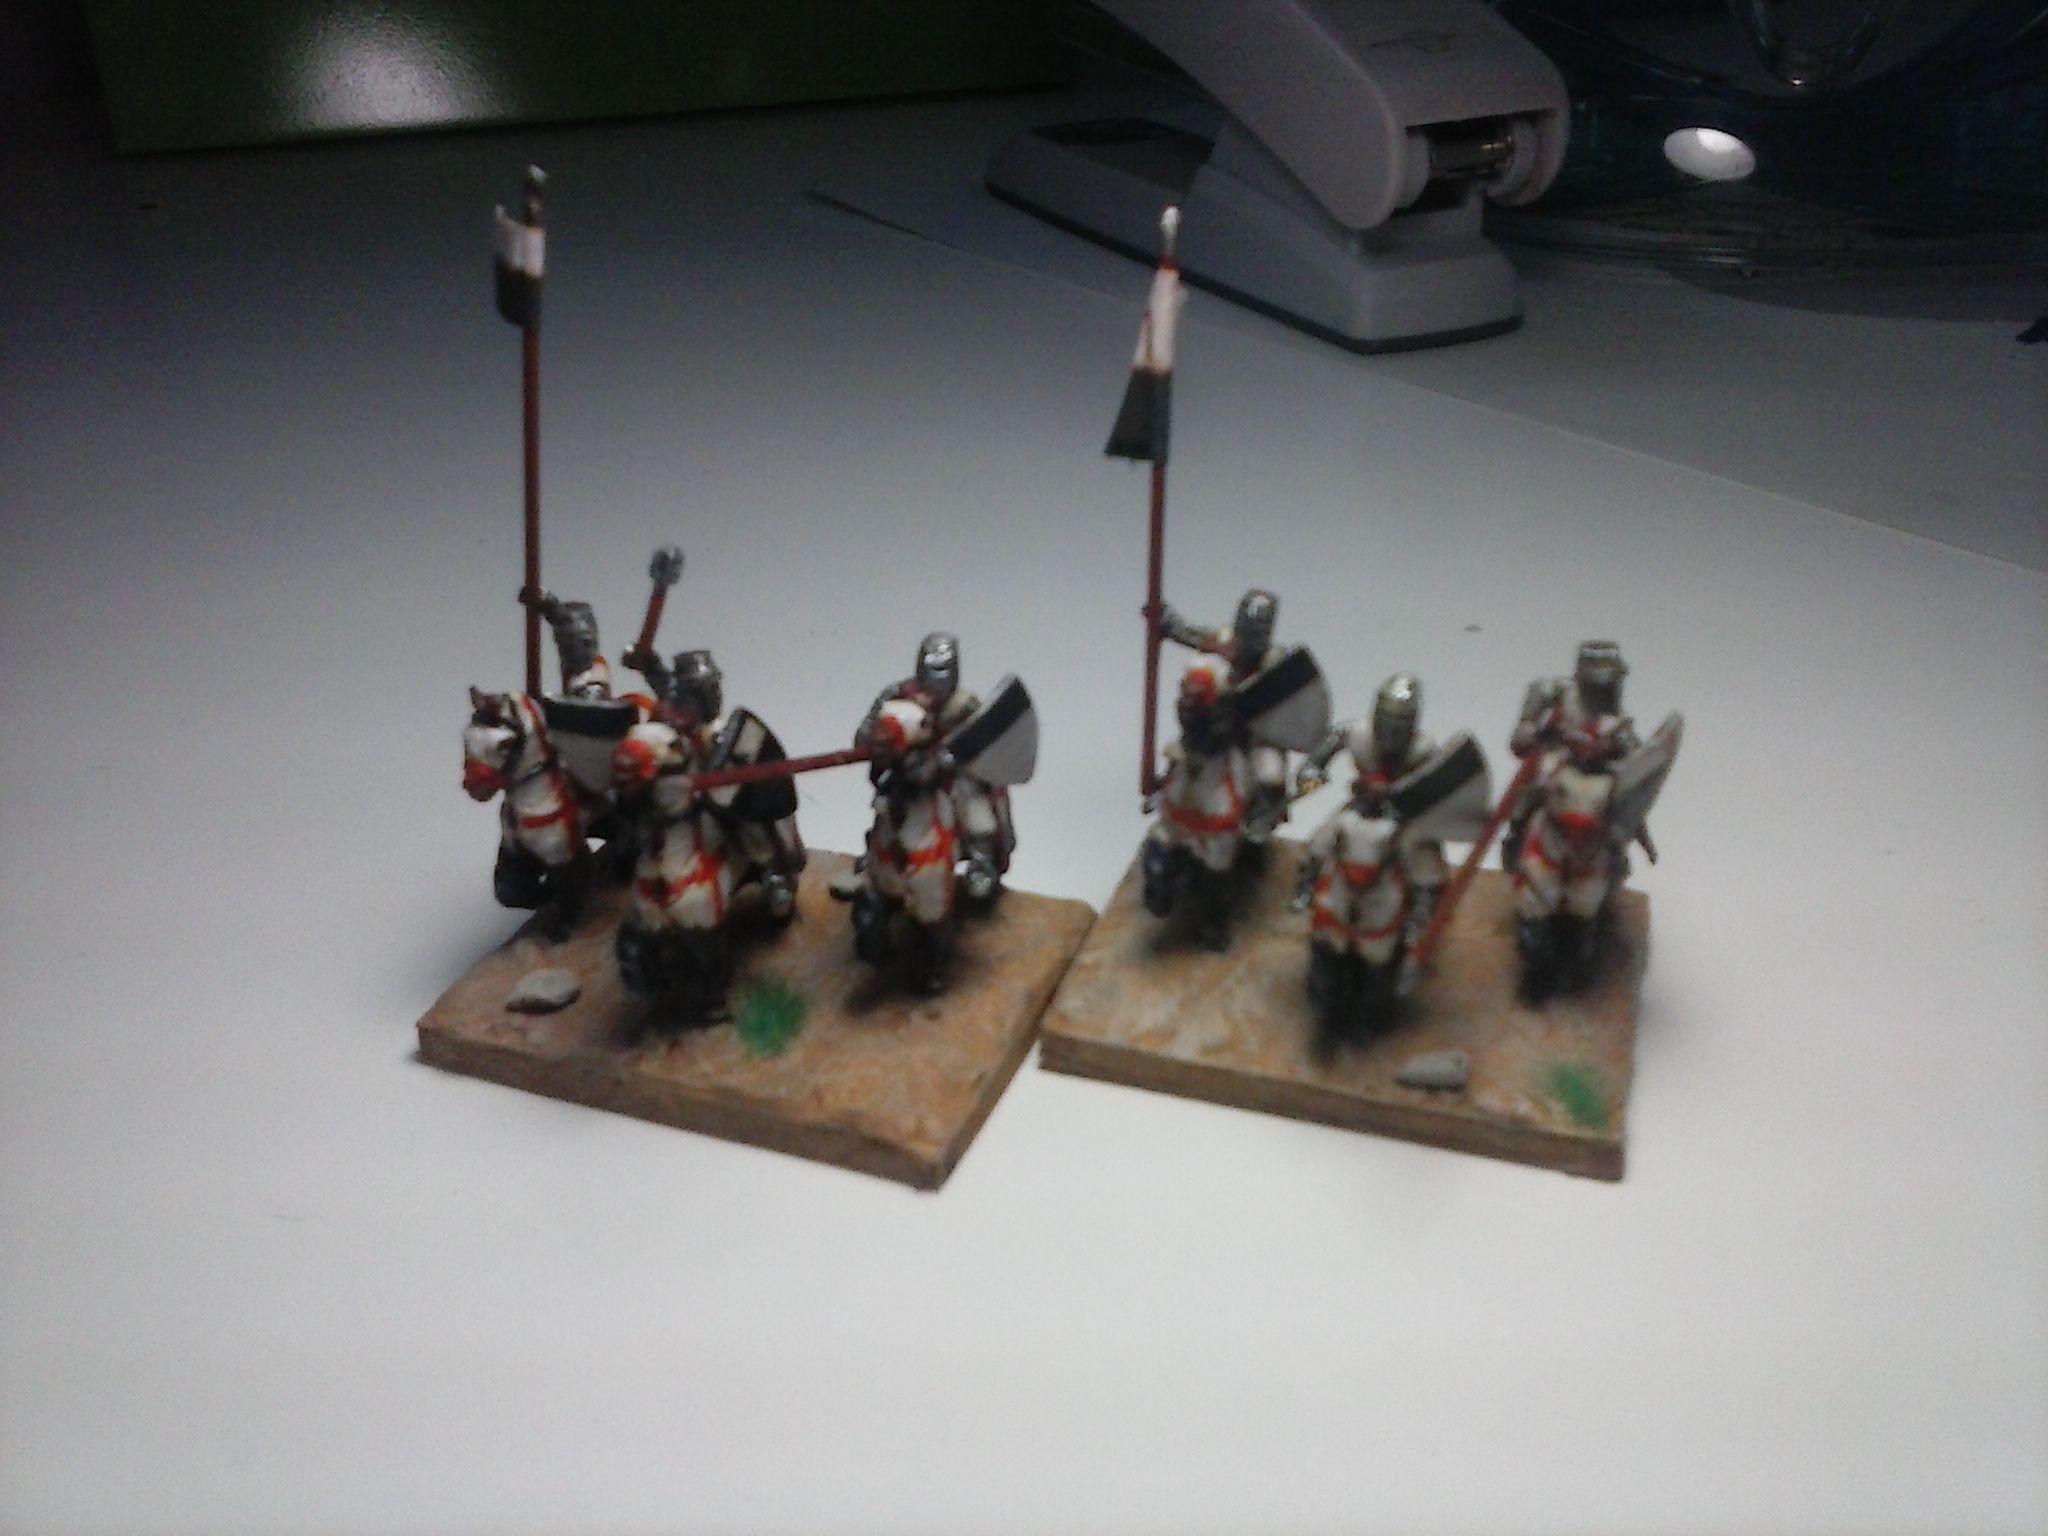 Caballeros Templarios DBA 15 mms, figuras de Mirliton